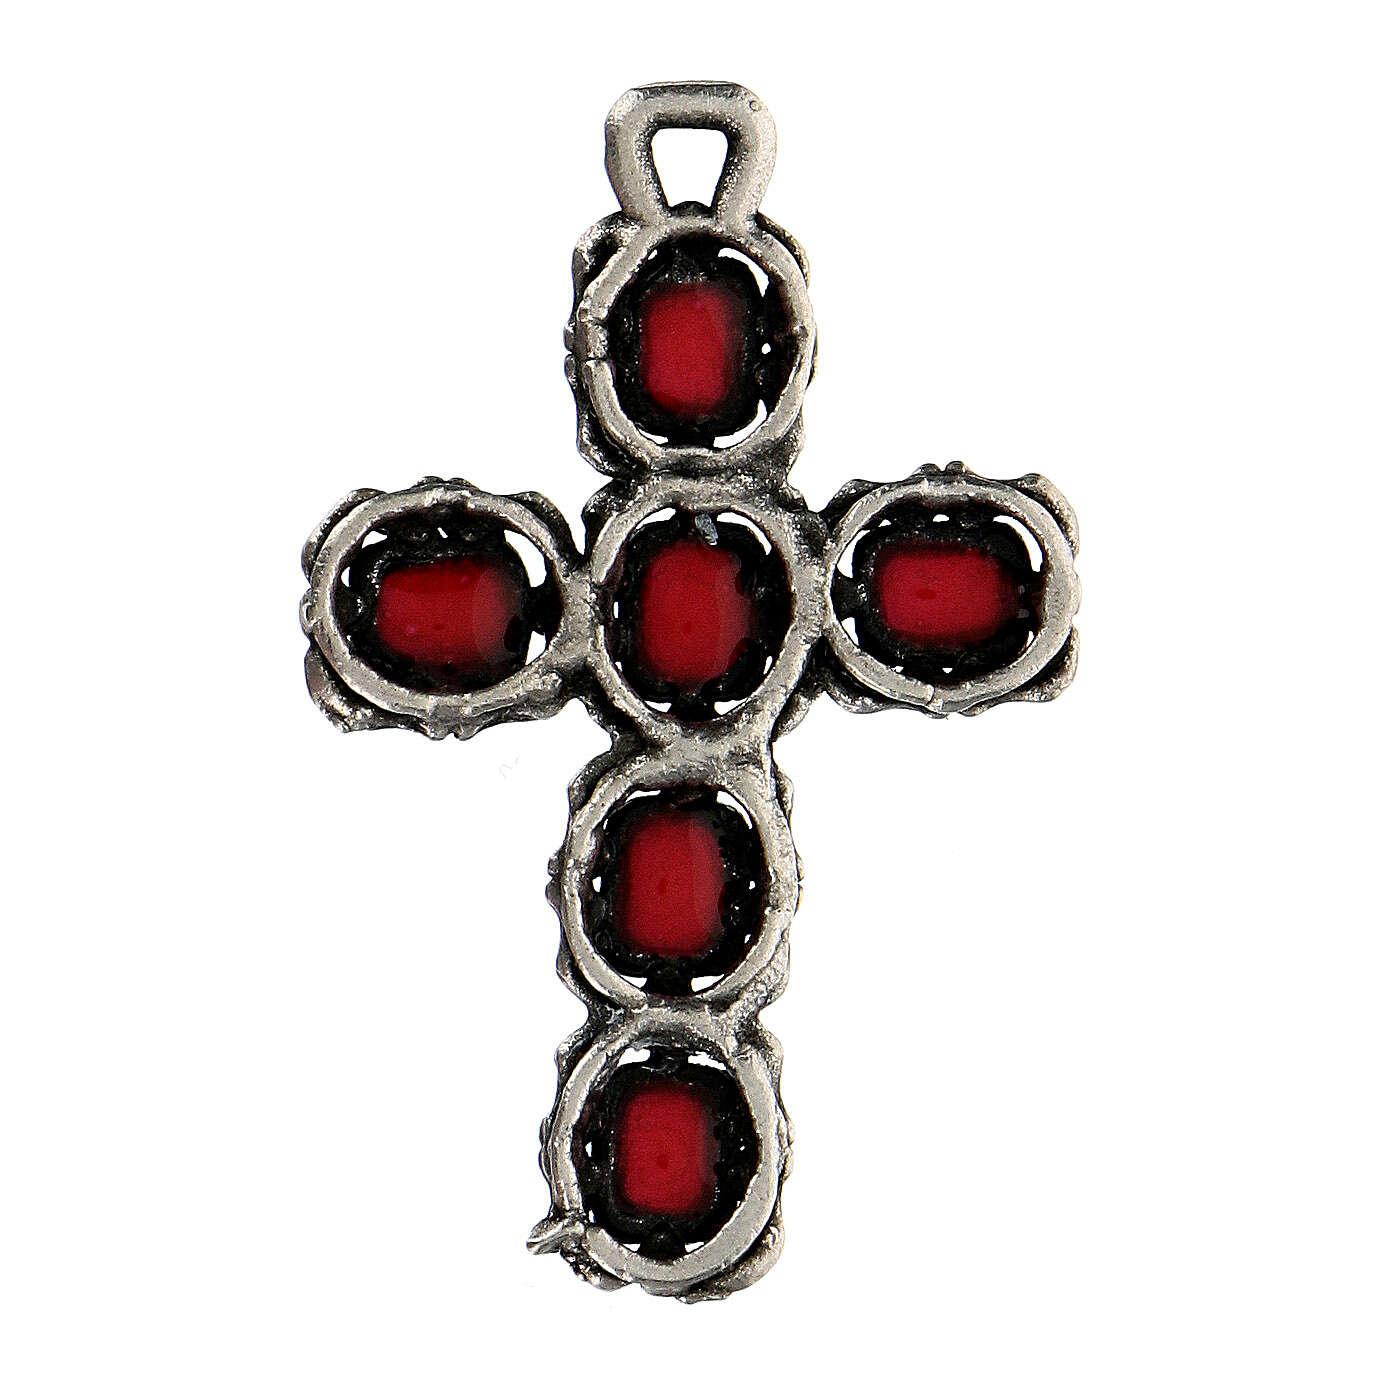 Zawieszka krzyżyk katedralny srebro emalia czerwona 4